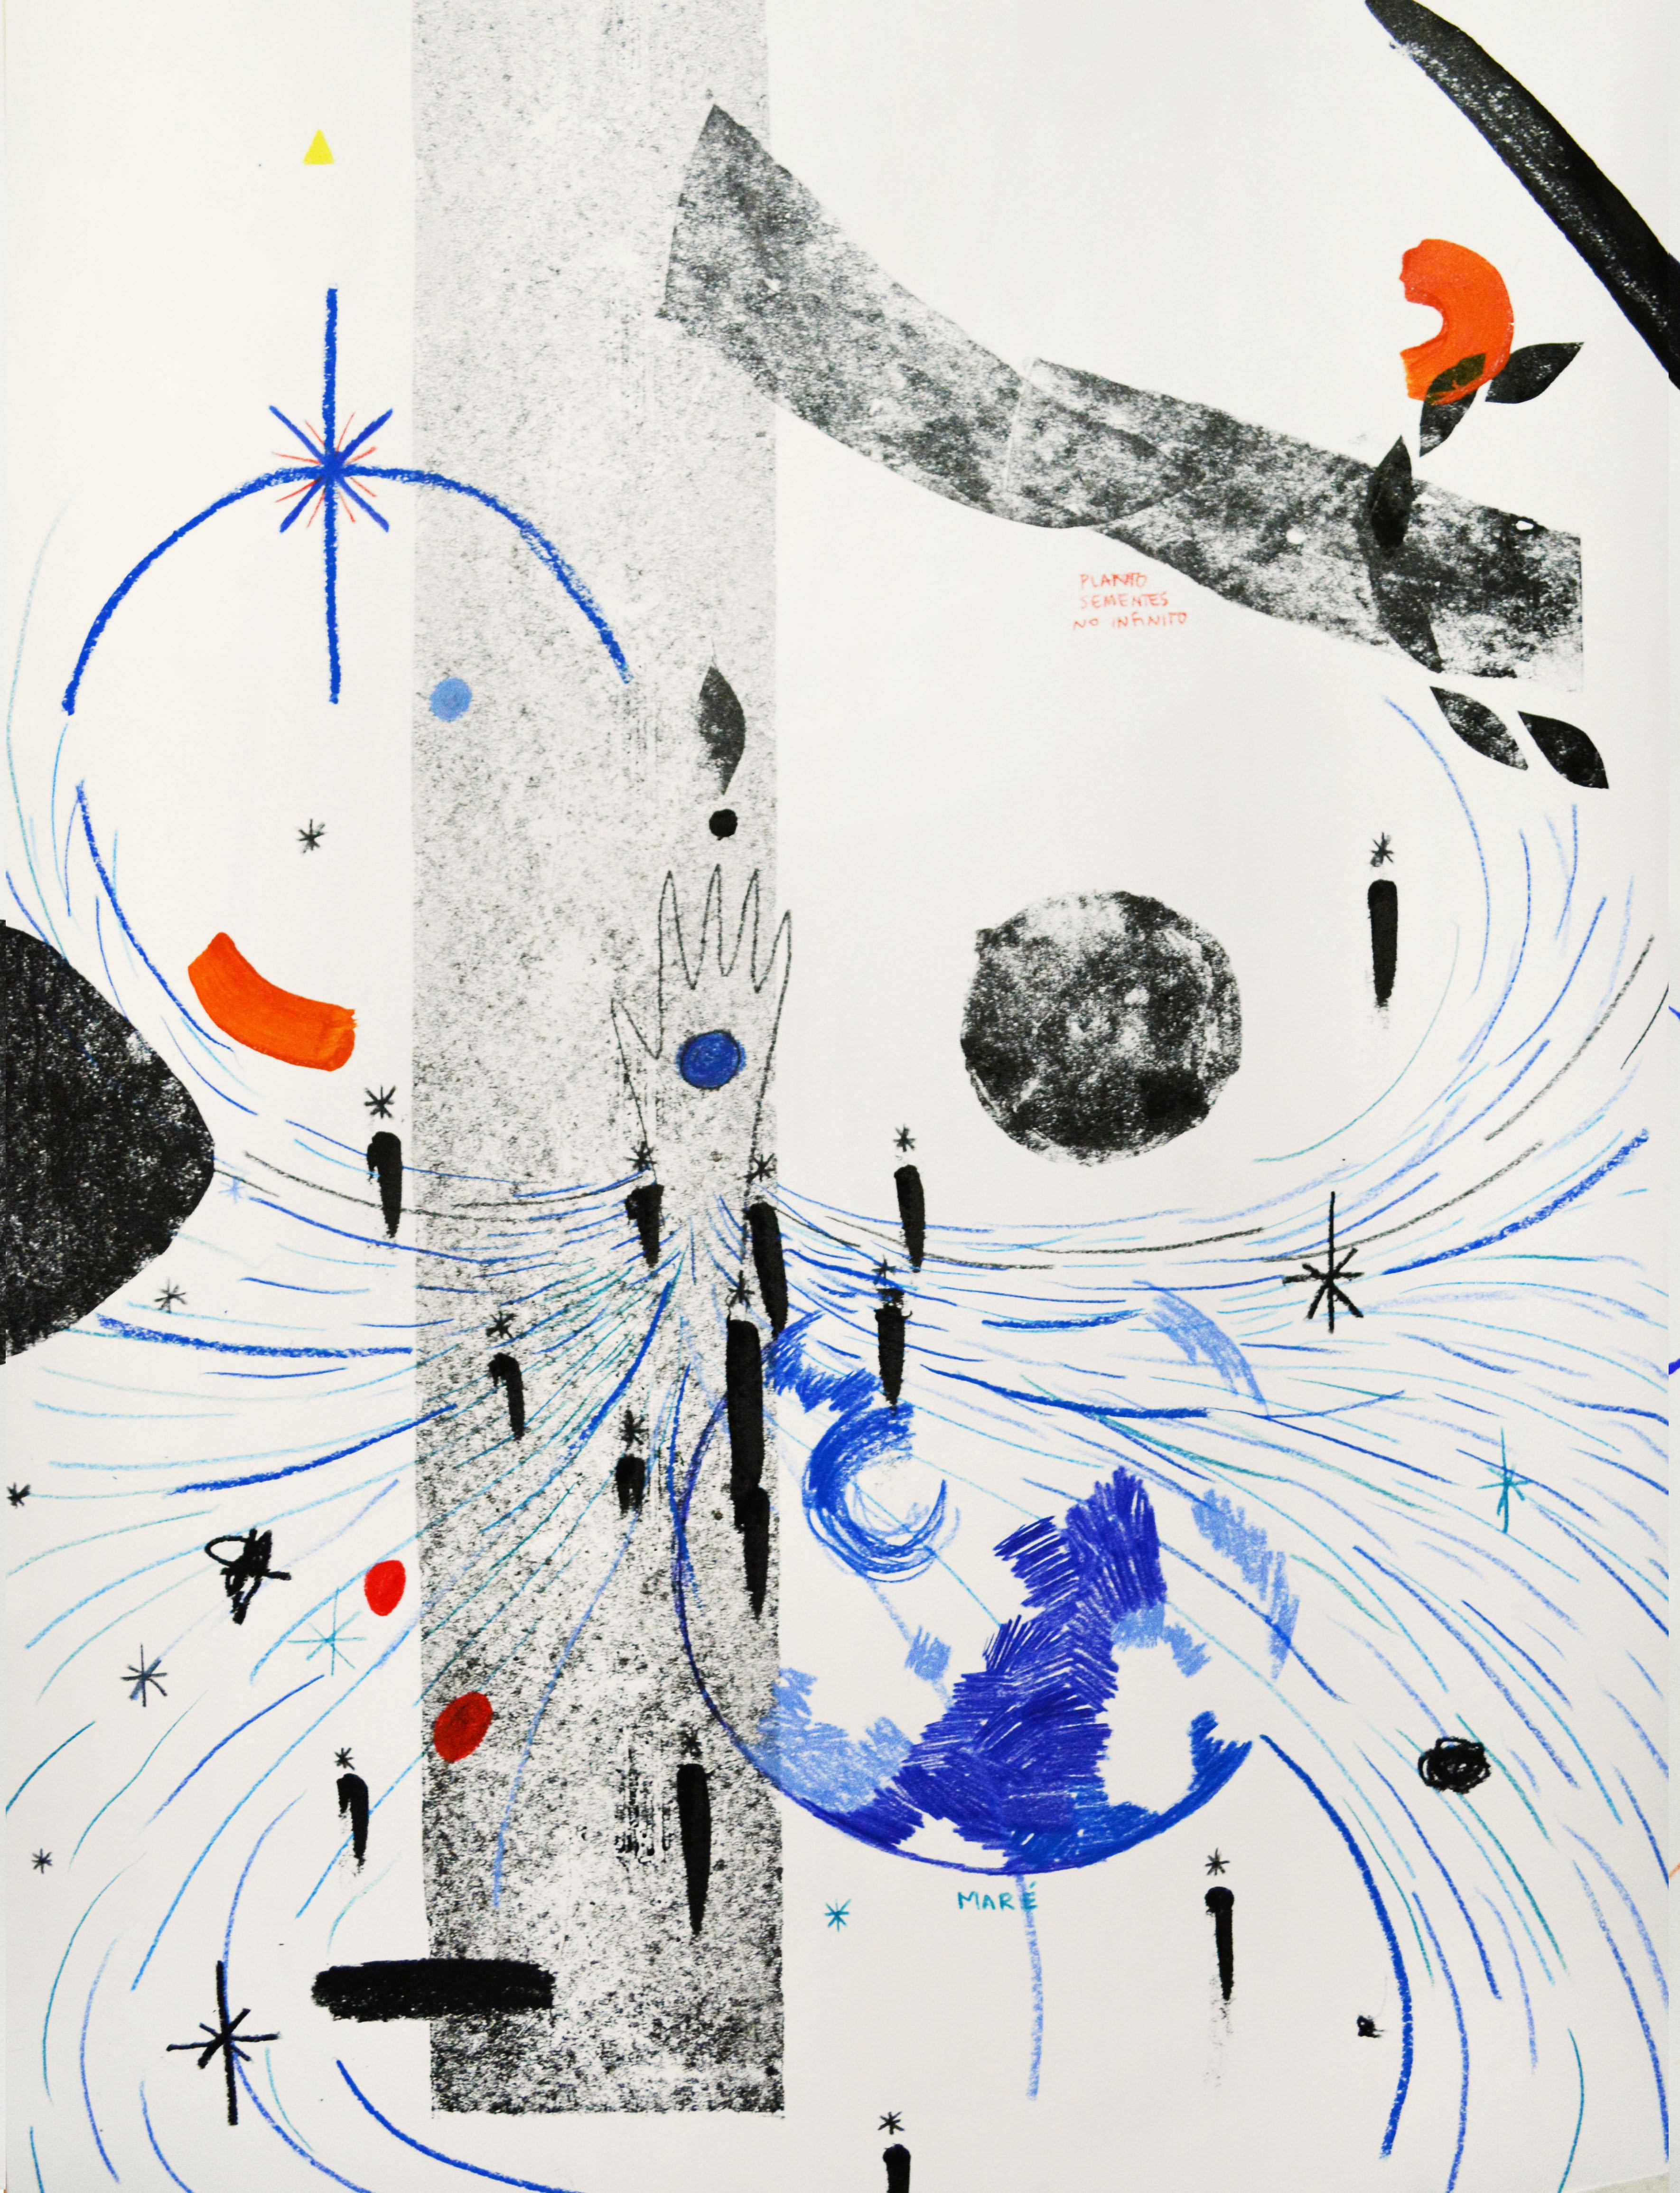 Juliana Gontijo, Geração - Série Procuro o que está atrás das estrelas, Monotipia, lápis de cor e tinta acrílica sobre papel, 46 x 66 cm, 2020